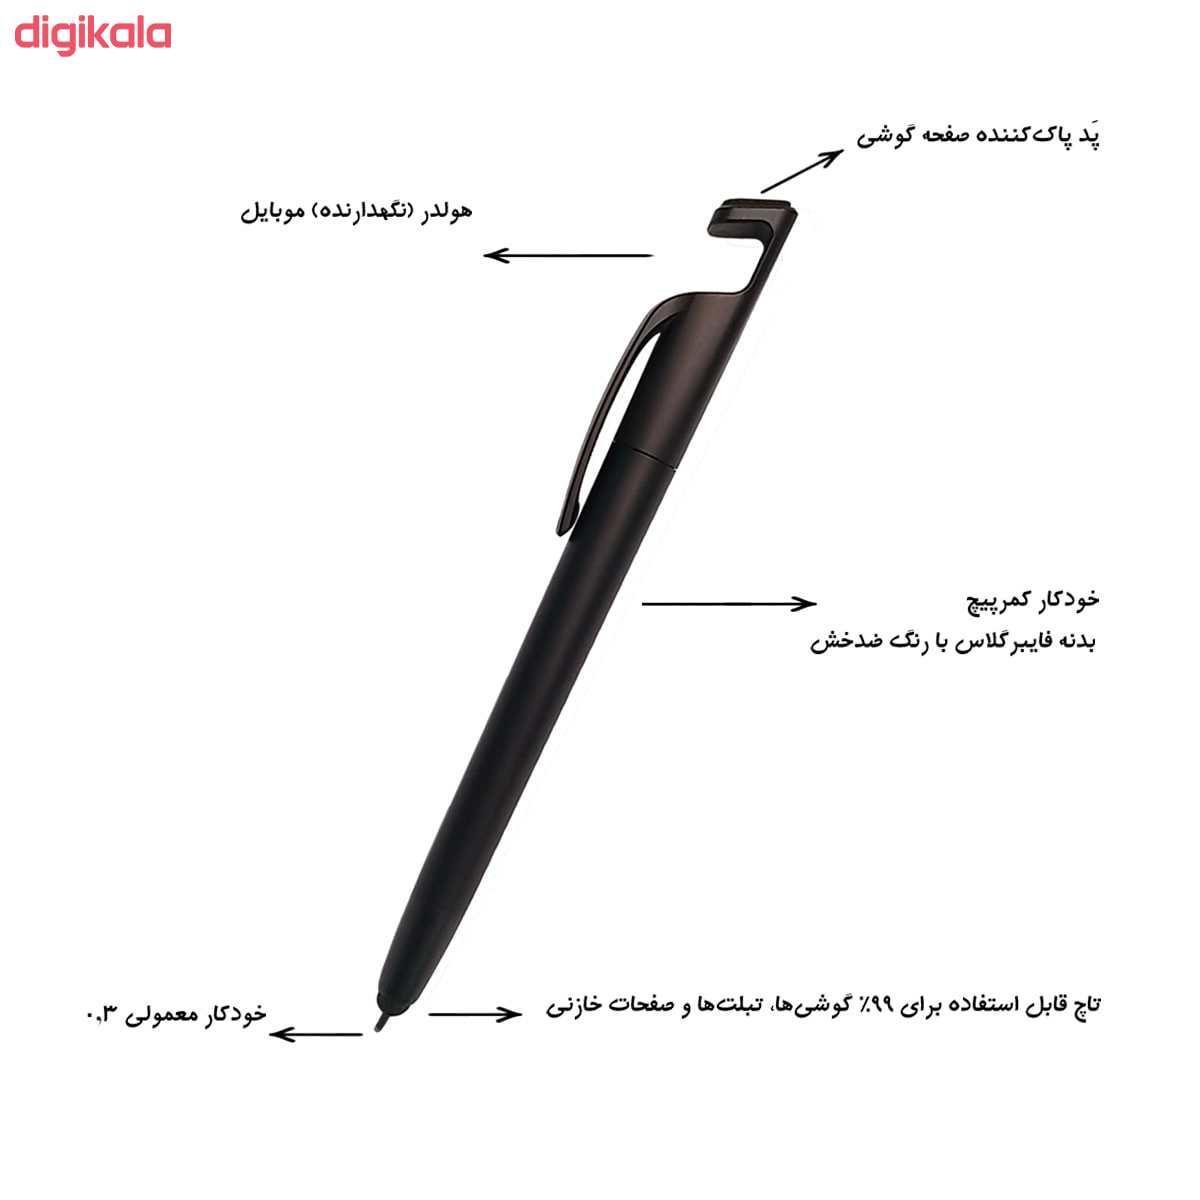 قلم لمسی و پایه نگهدارنده موبایل مدل SKJMRJNQ002369 main 1 1